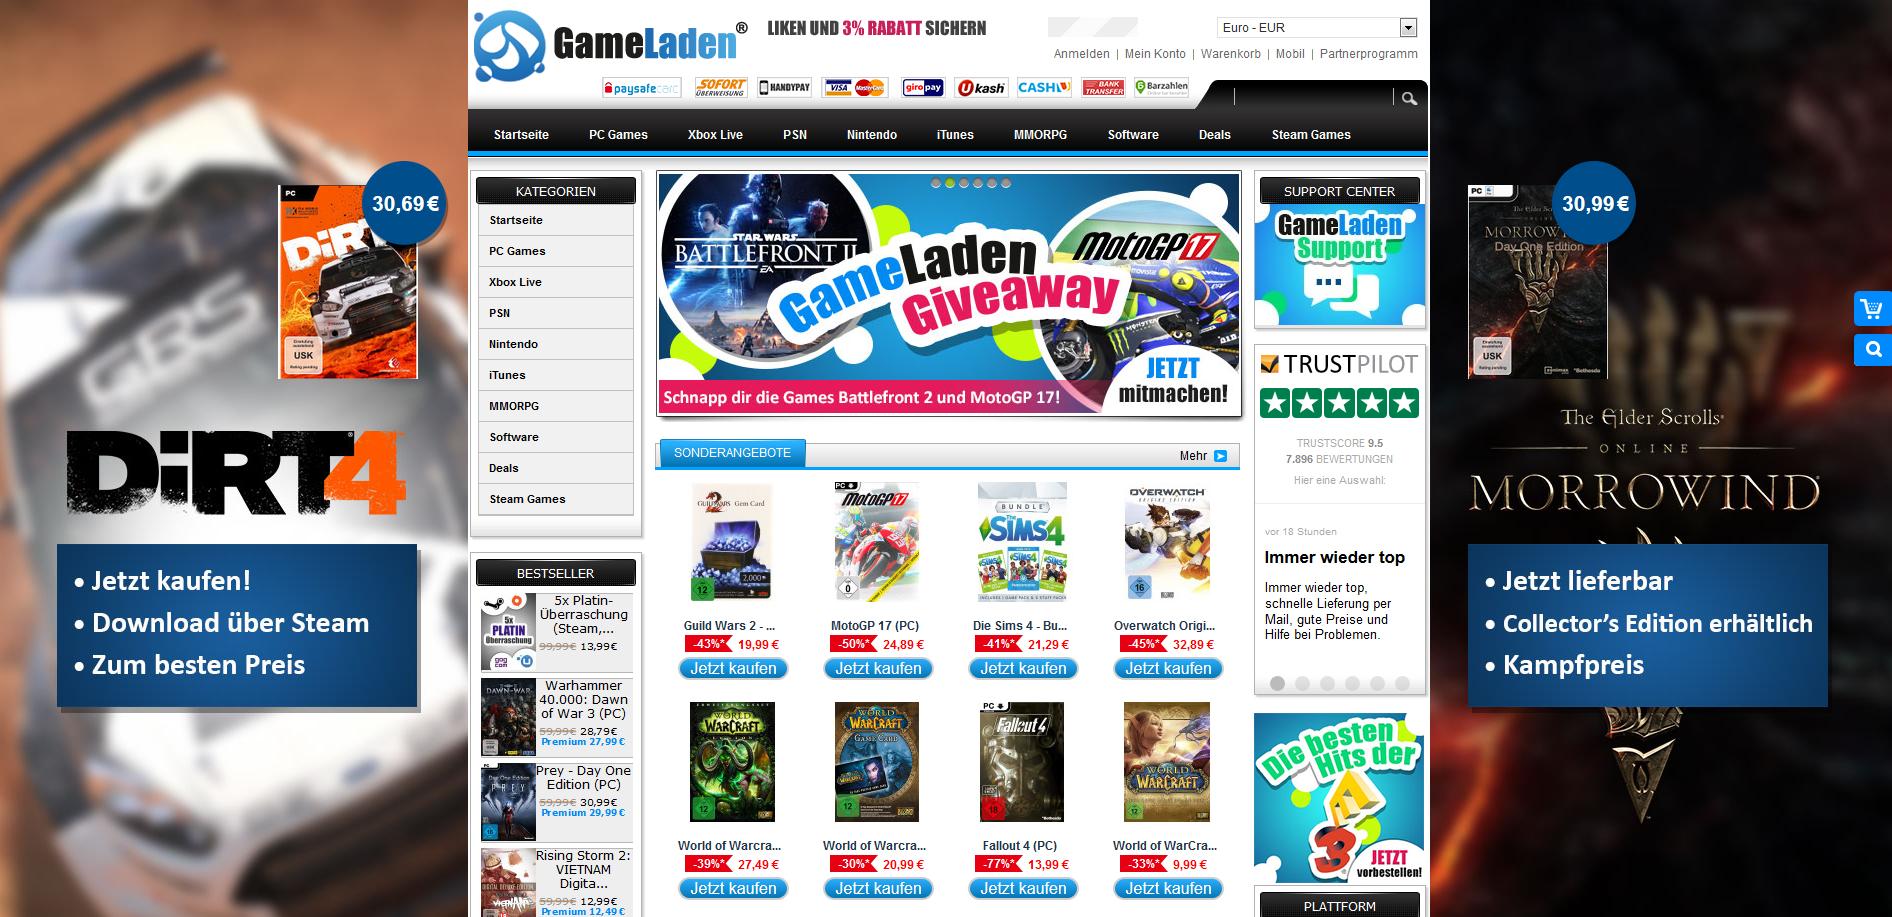 Gameladen Startseite